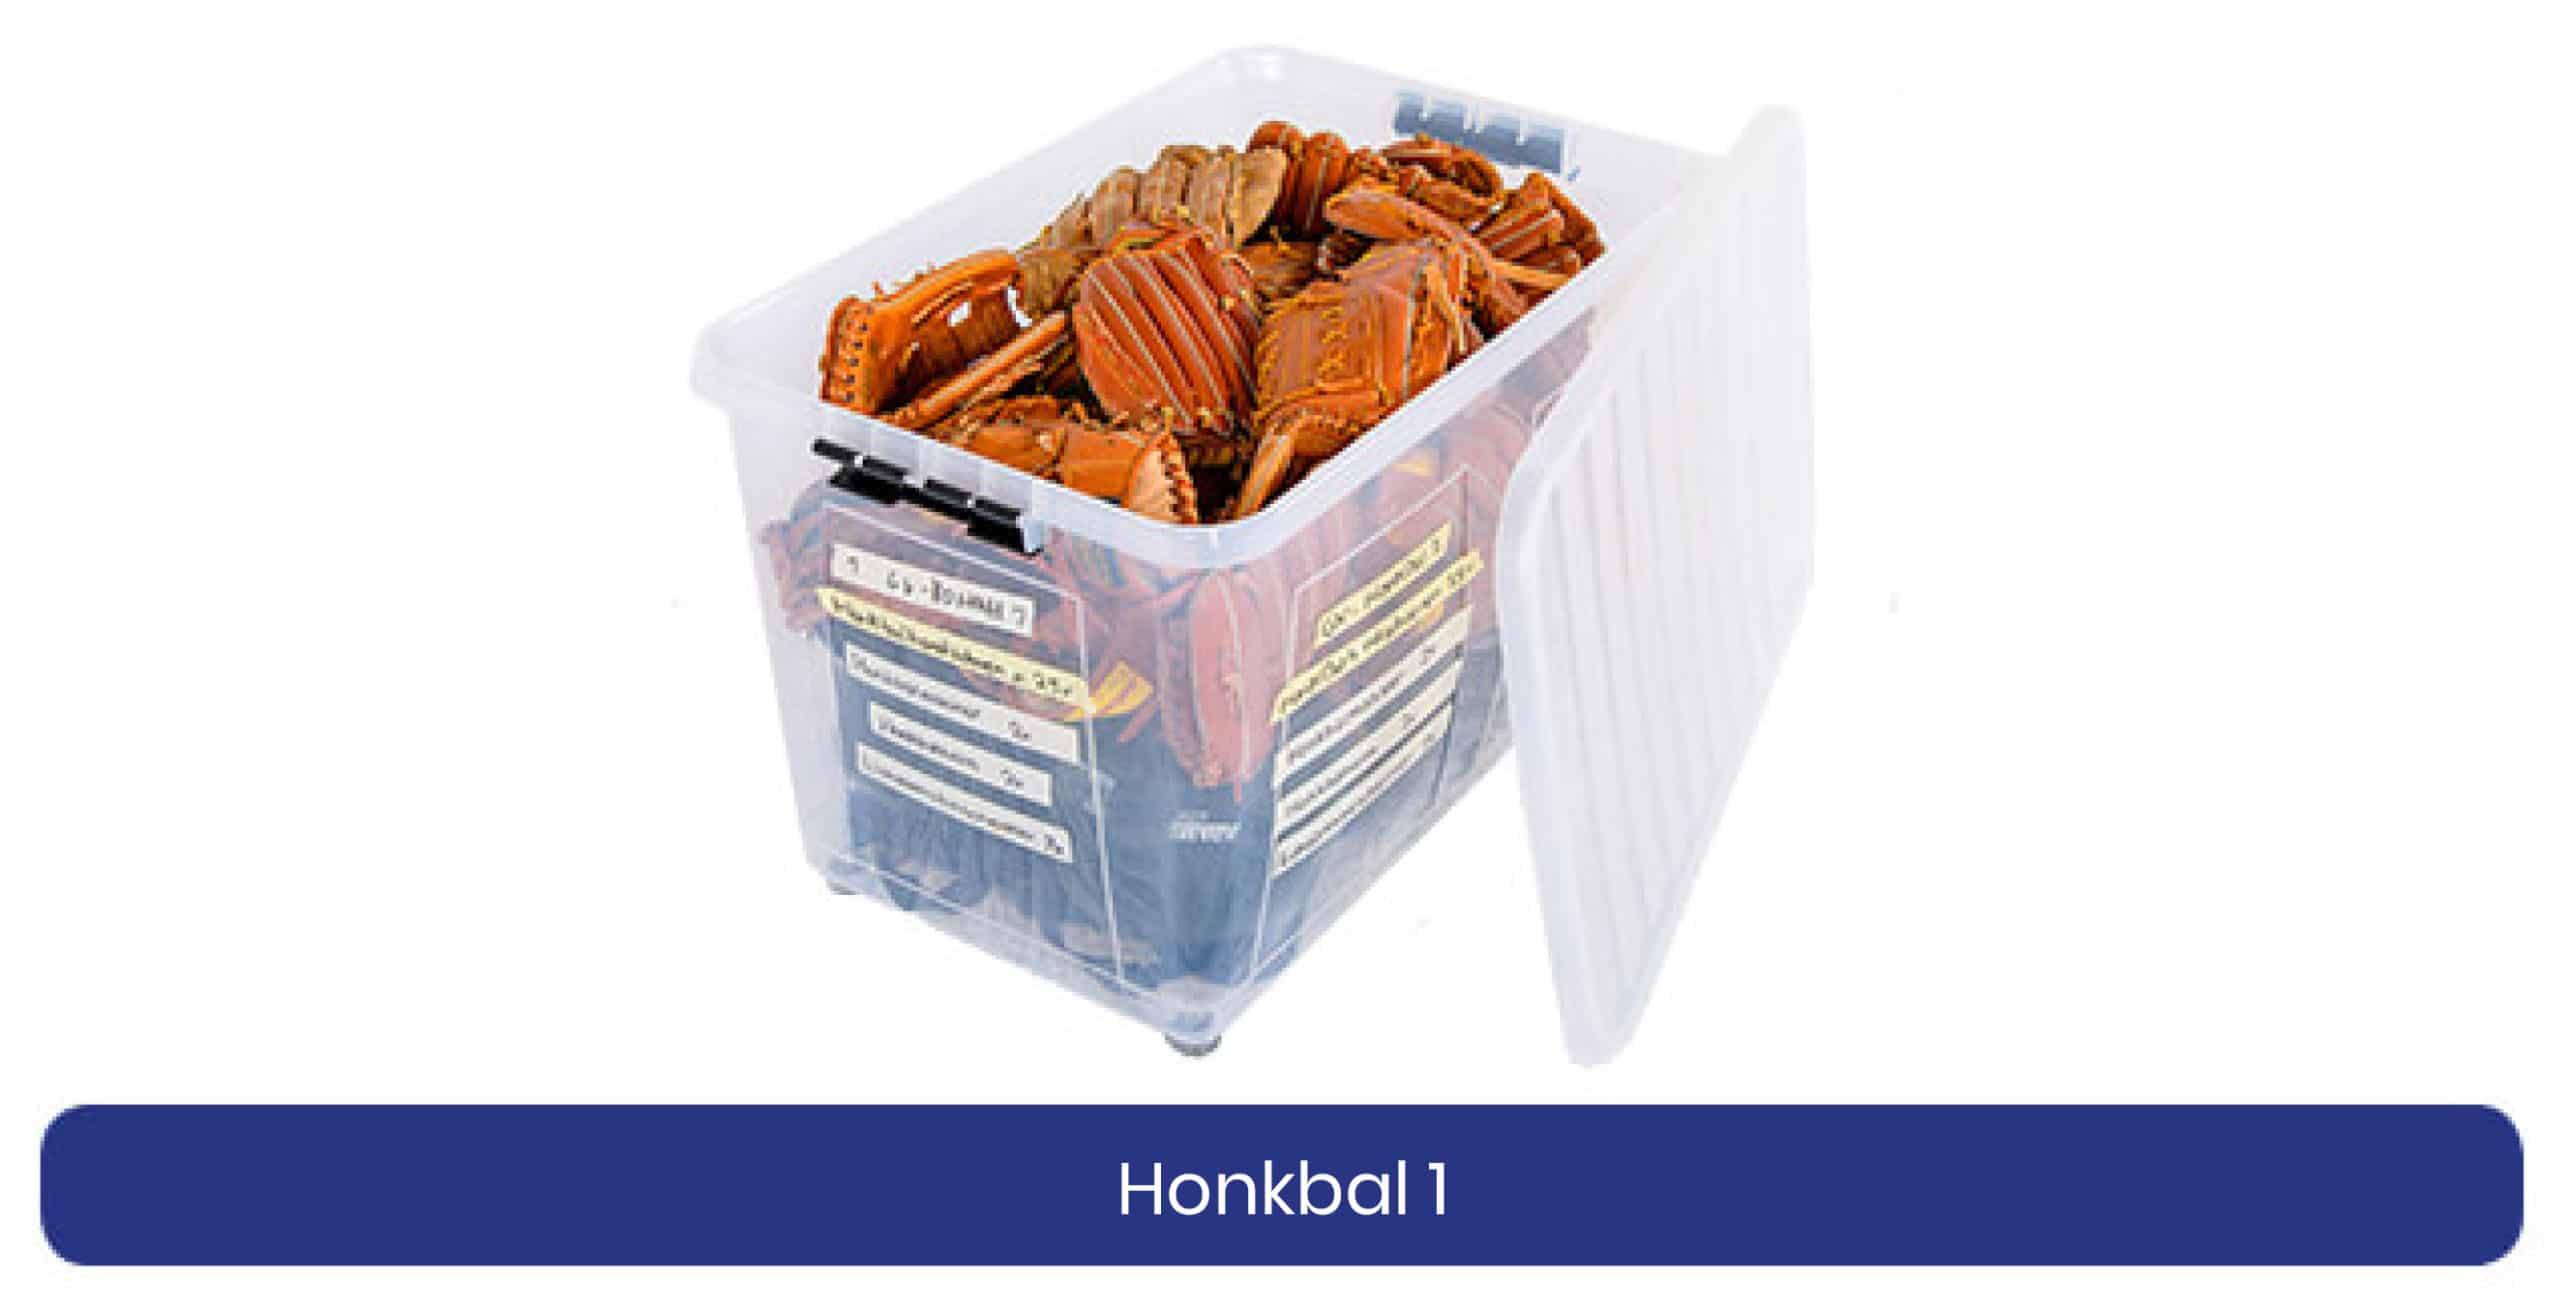 Honkbal 1 lenen product